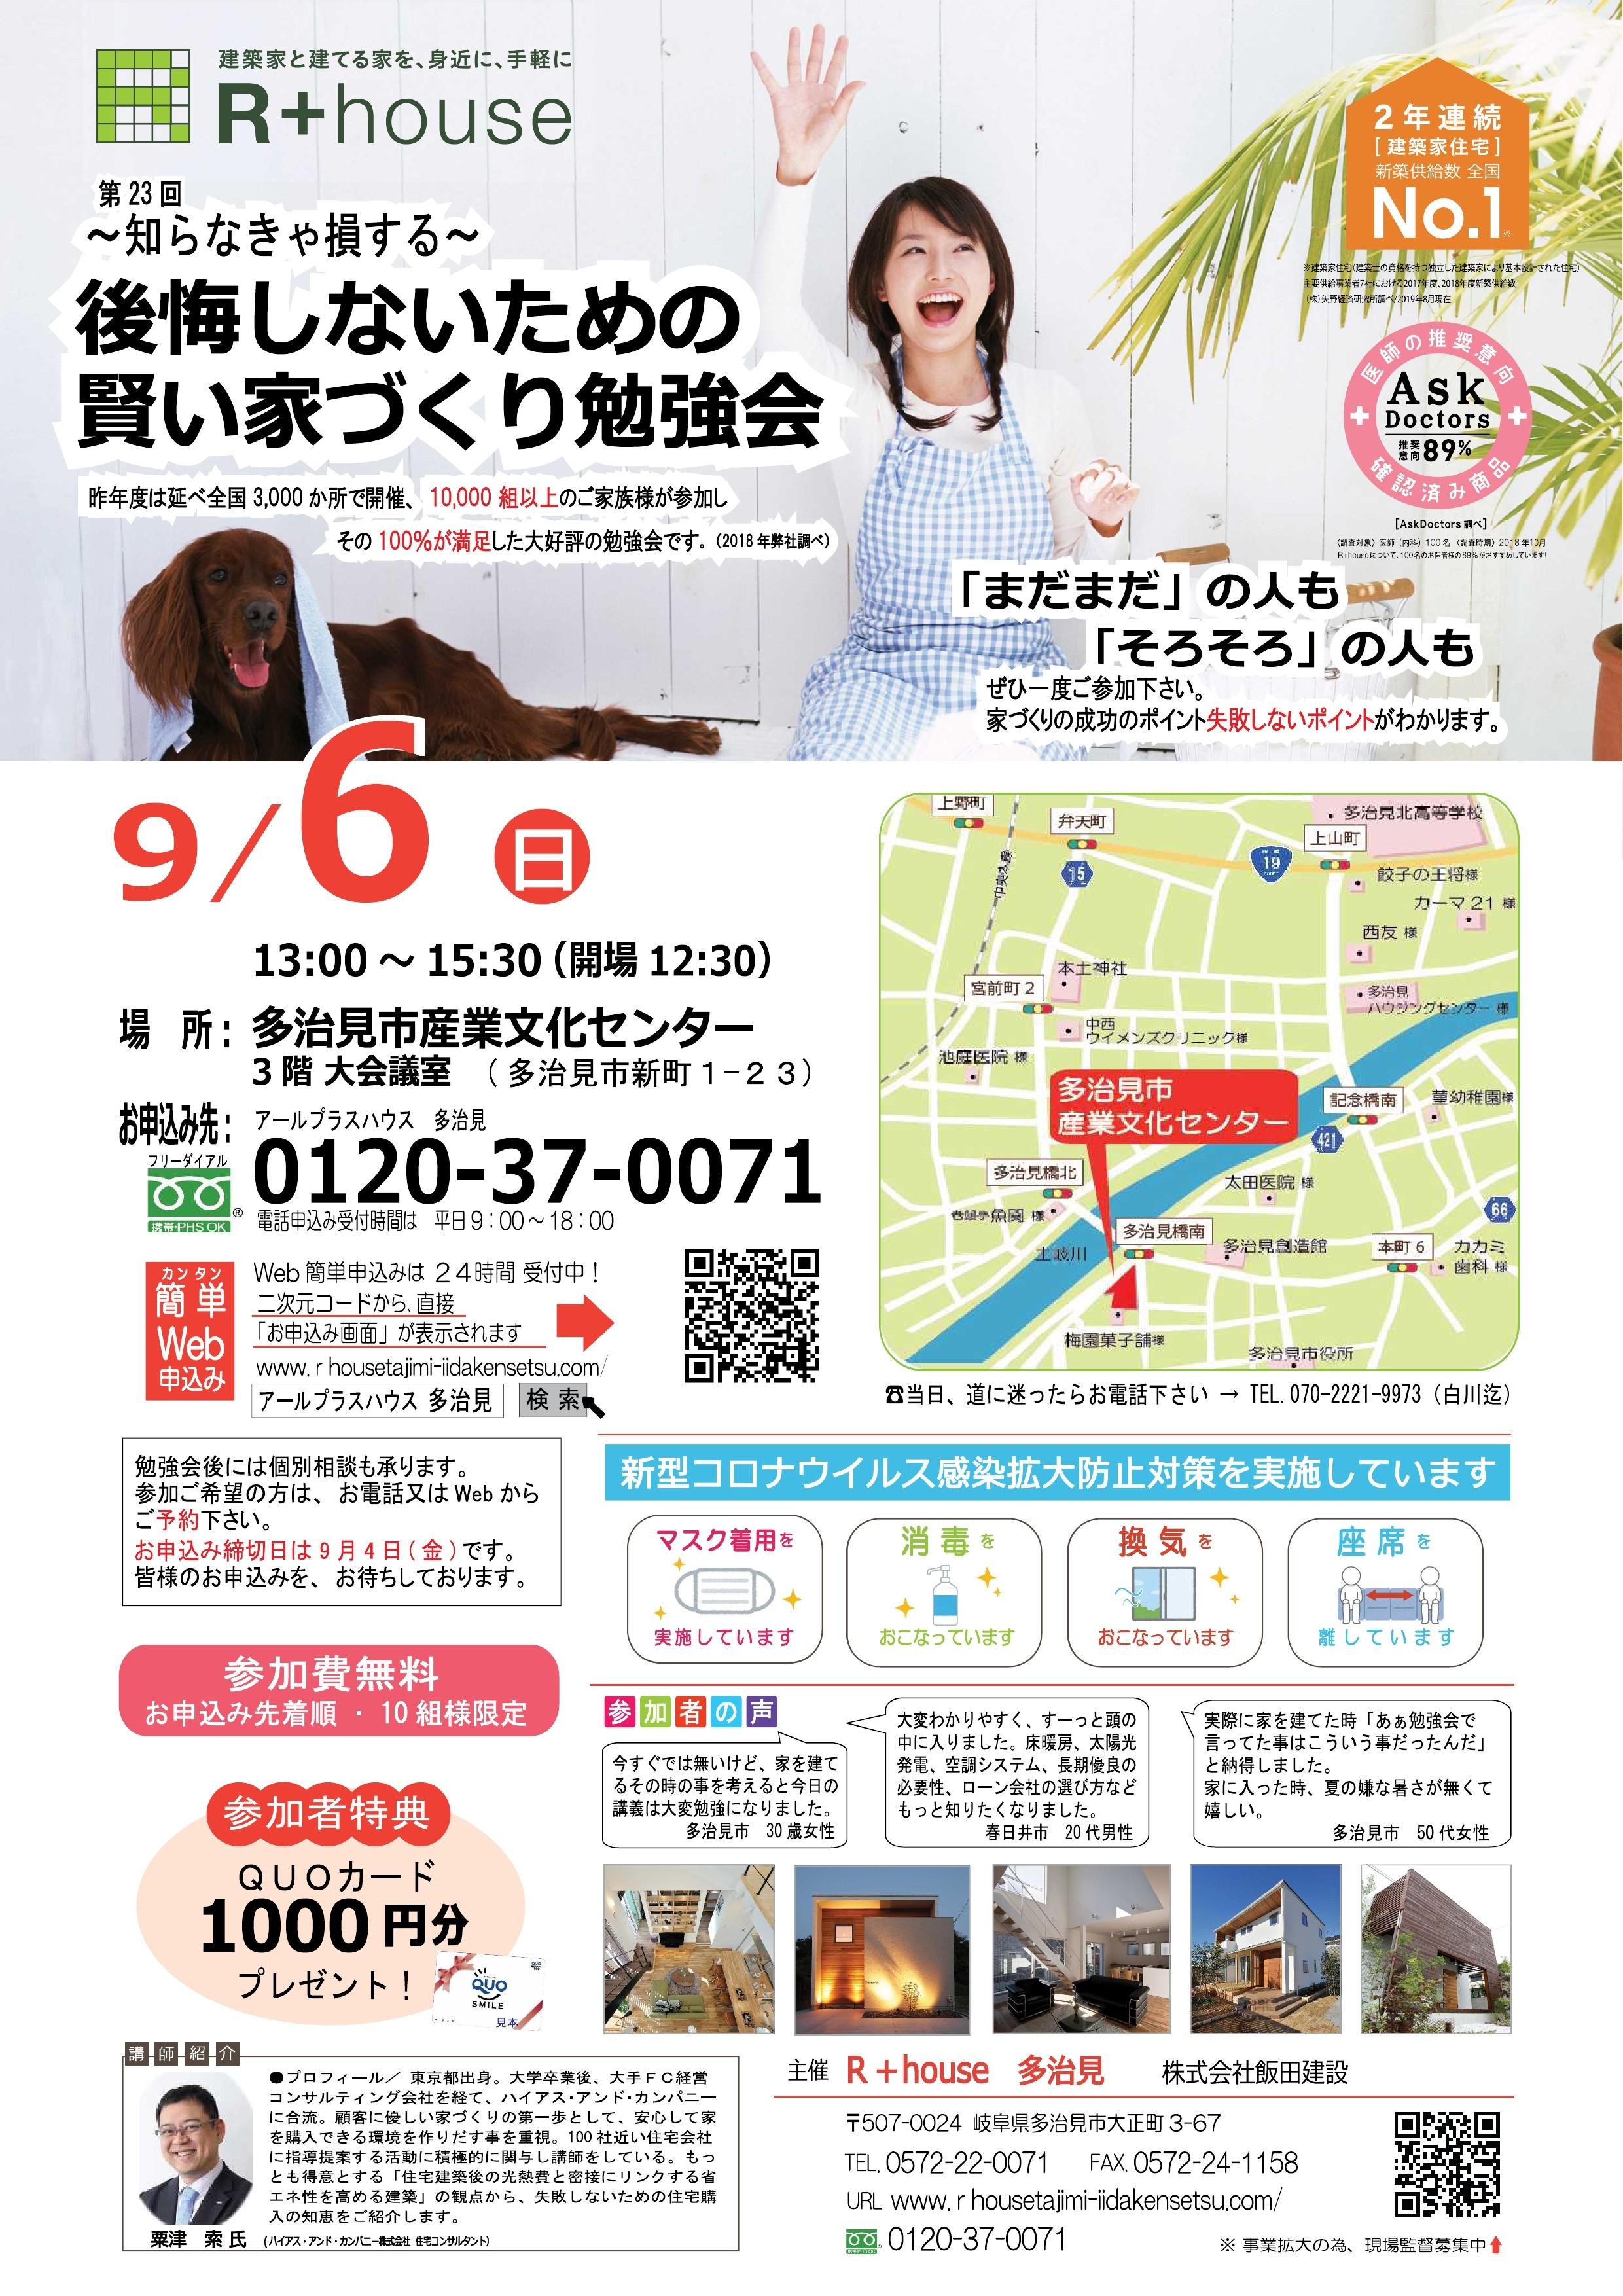 20200906賢い家づくり勉強会R+多治見画像.jpg